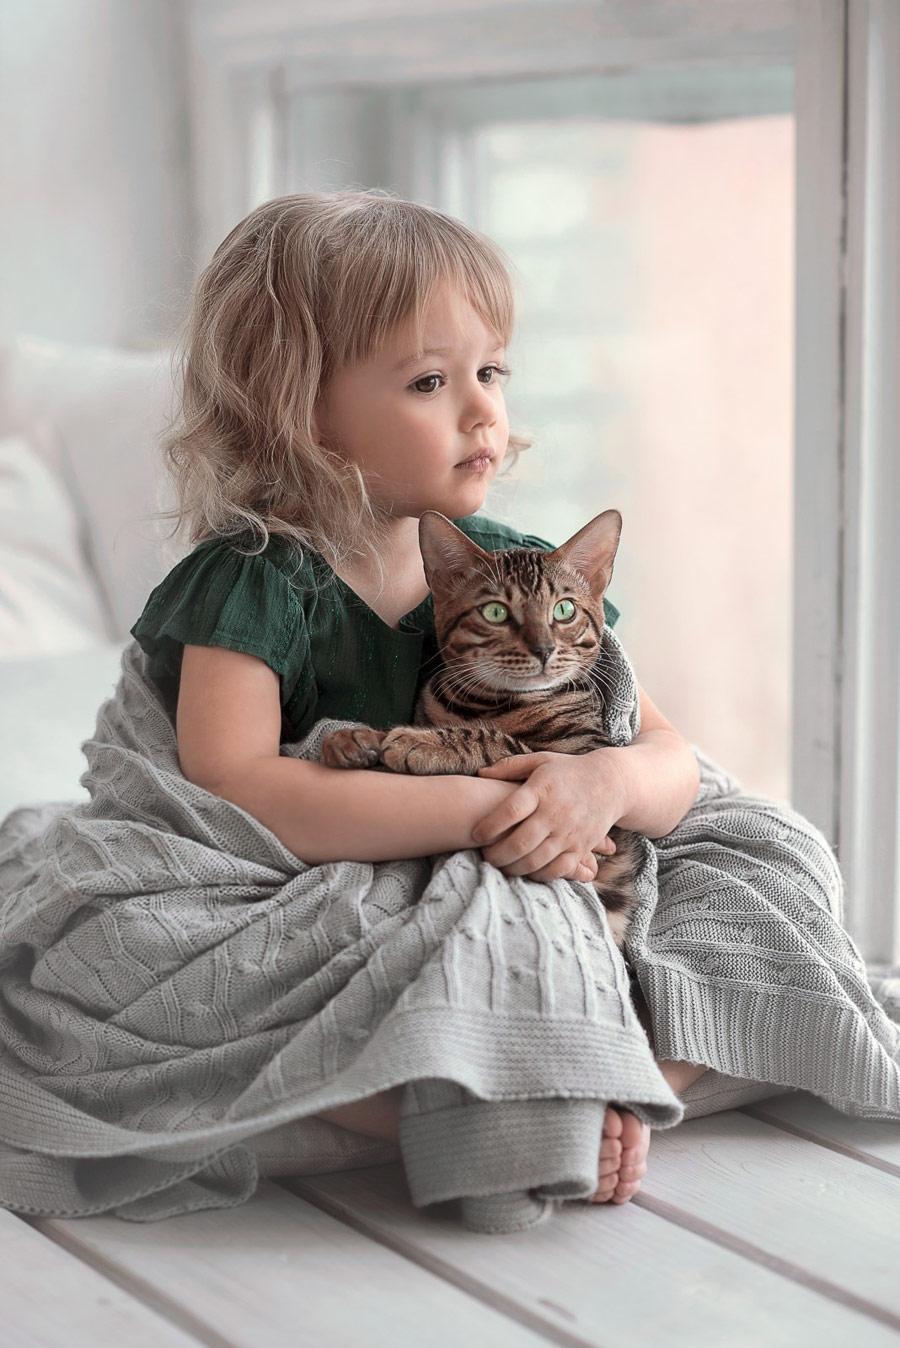 Я с тобой!, © Оксана Воронина, Фотоконкурс Family Russian Photo Award журнала «Российское фото»